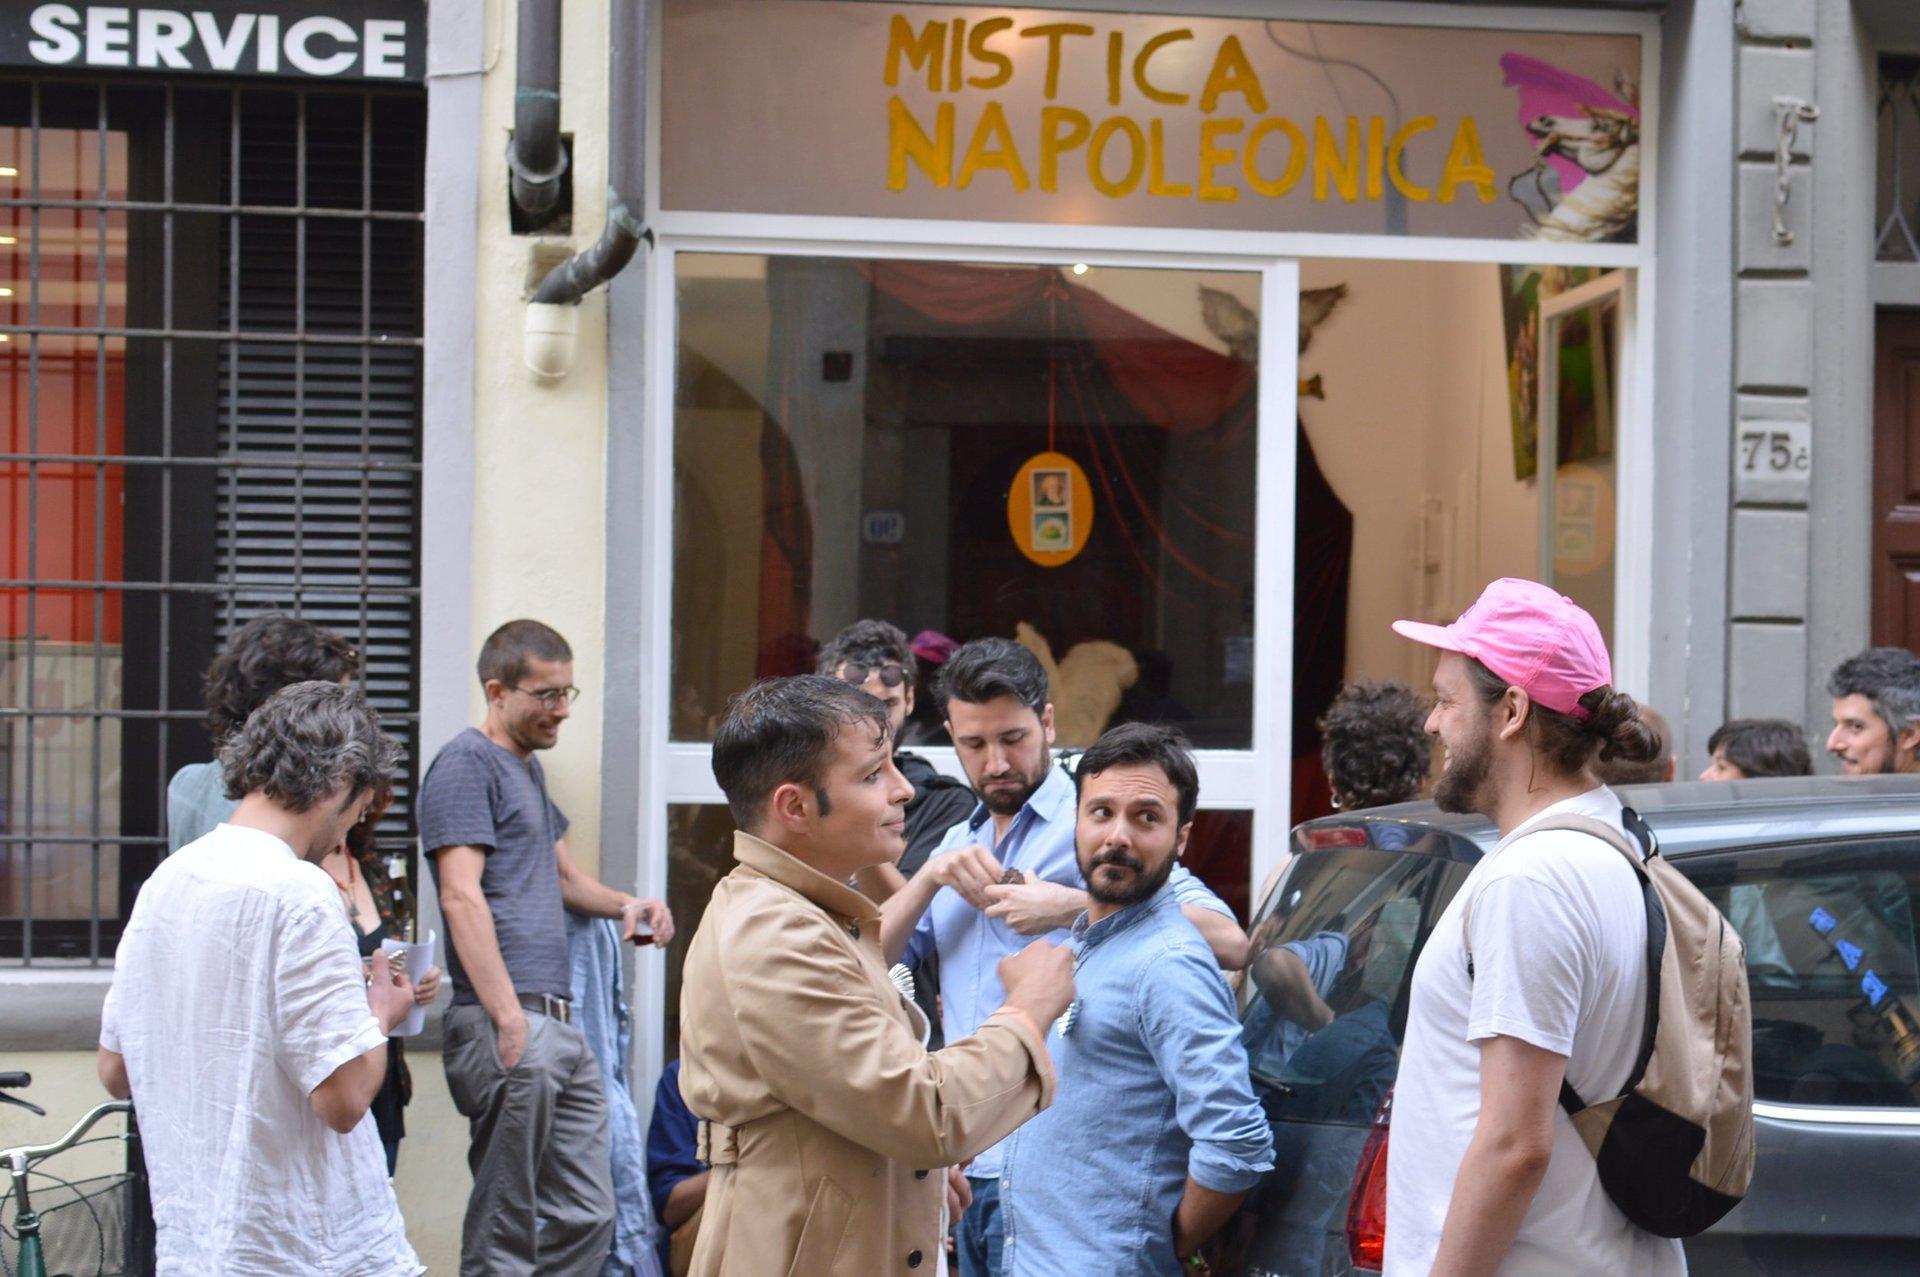 IlGattaRossa - 06 Jun 2016 - Mistica Napoleonica - DSC_0474